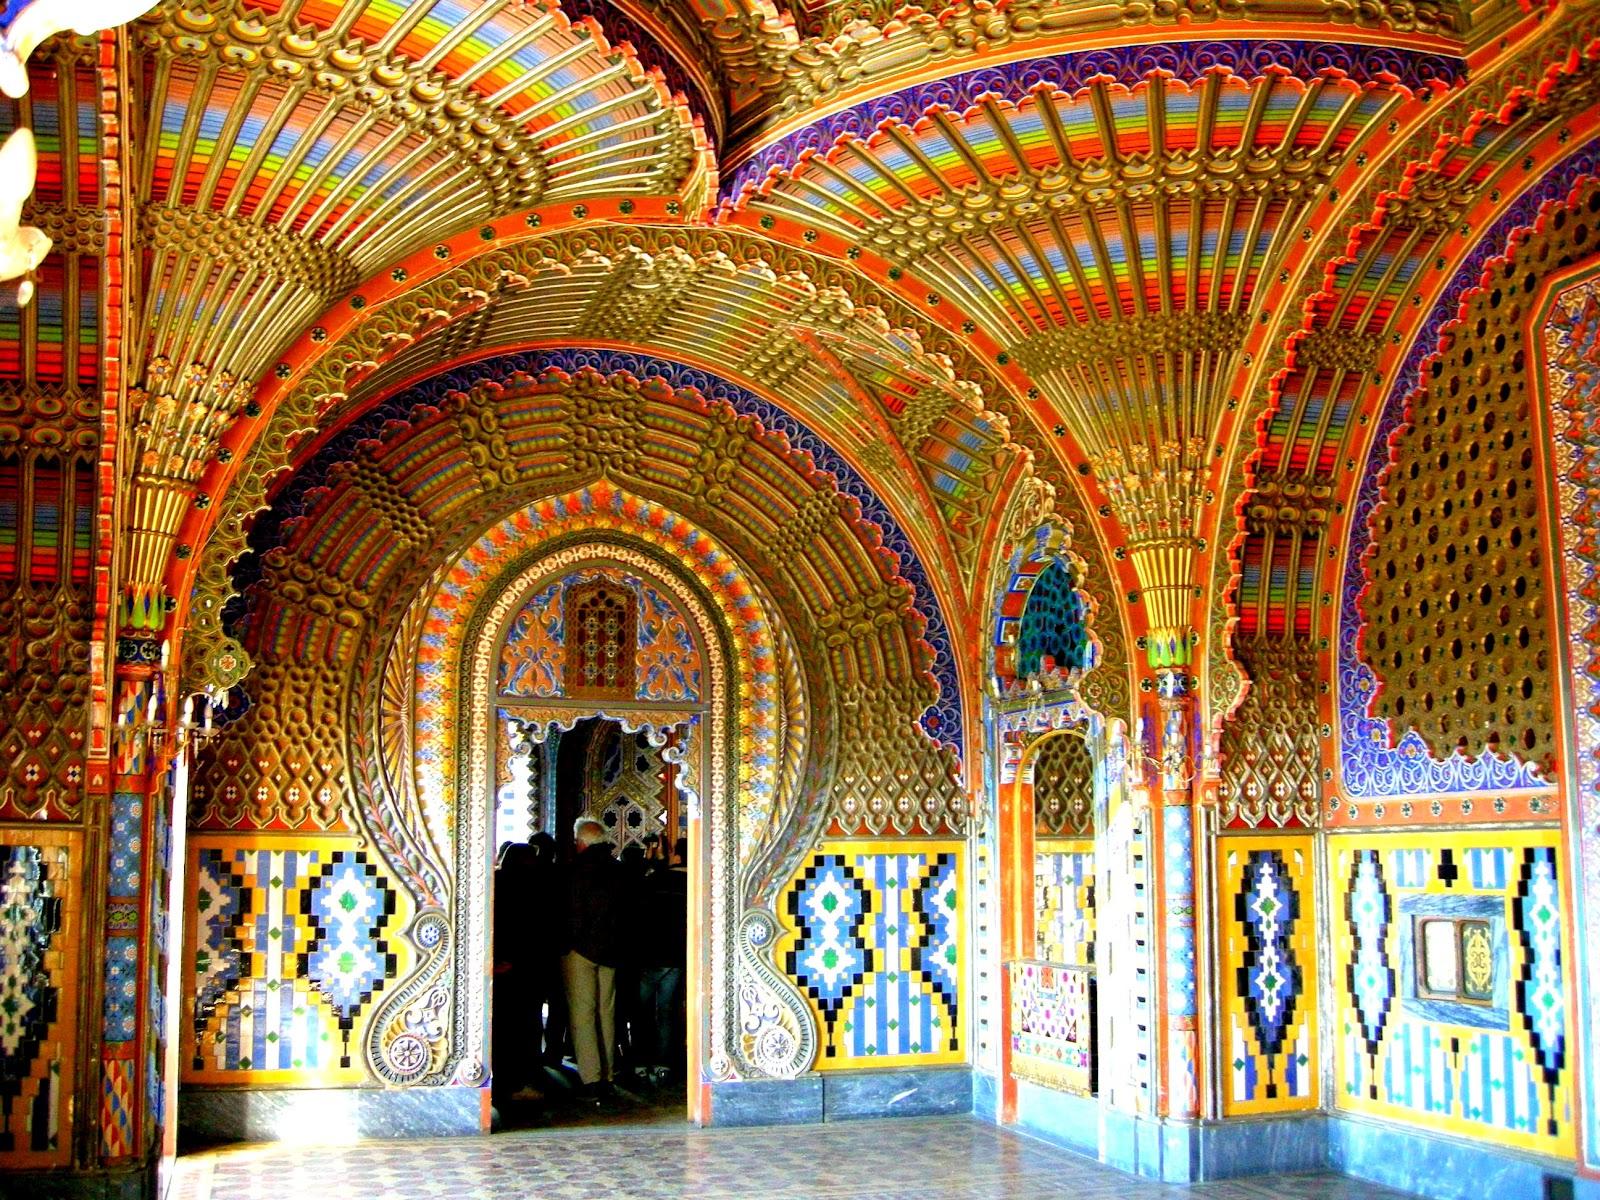 Reggello Italy  City pictures : Castello Samezzano Sala dei pavoni | Interiors and Favorite Design ...